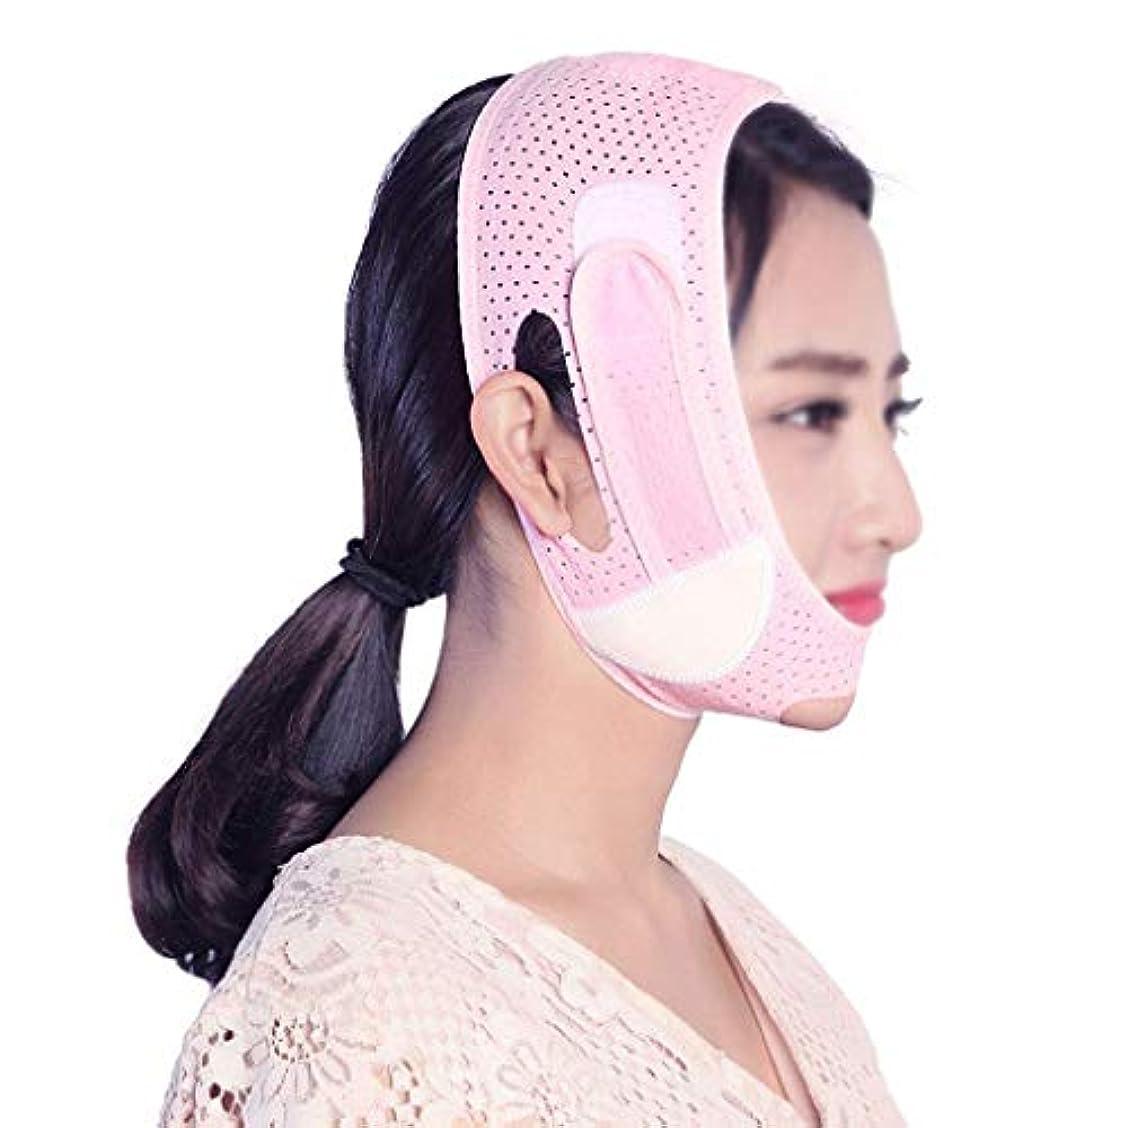 瞳人工的な型フェイスリフトマスク、スモールVフェイスバンデージシェーピングマスクリフトフェイスファーミングアーティファクトによるダブルチンの削減